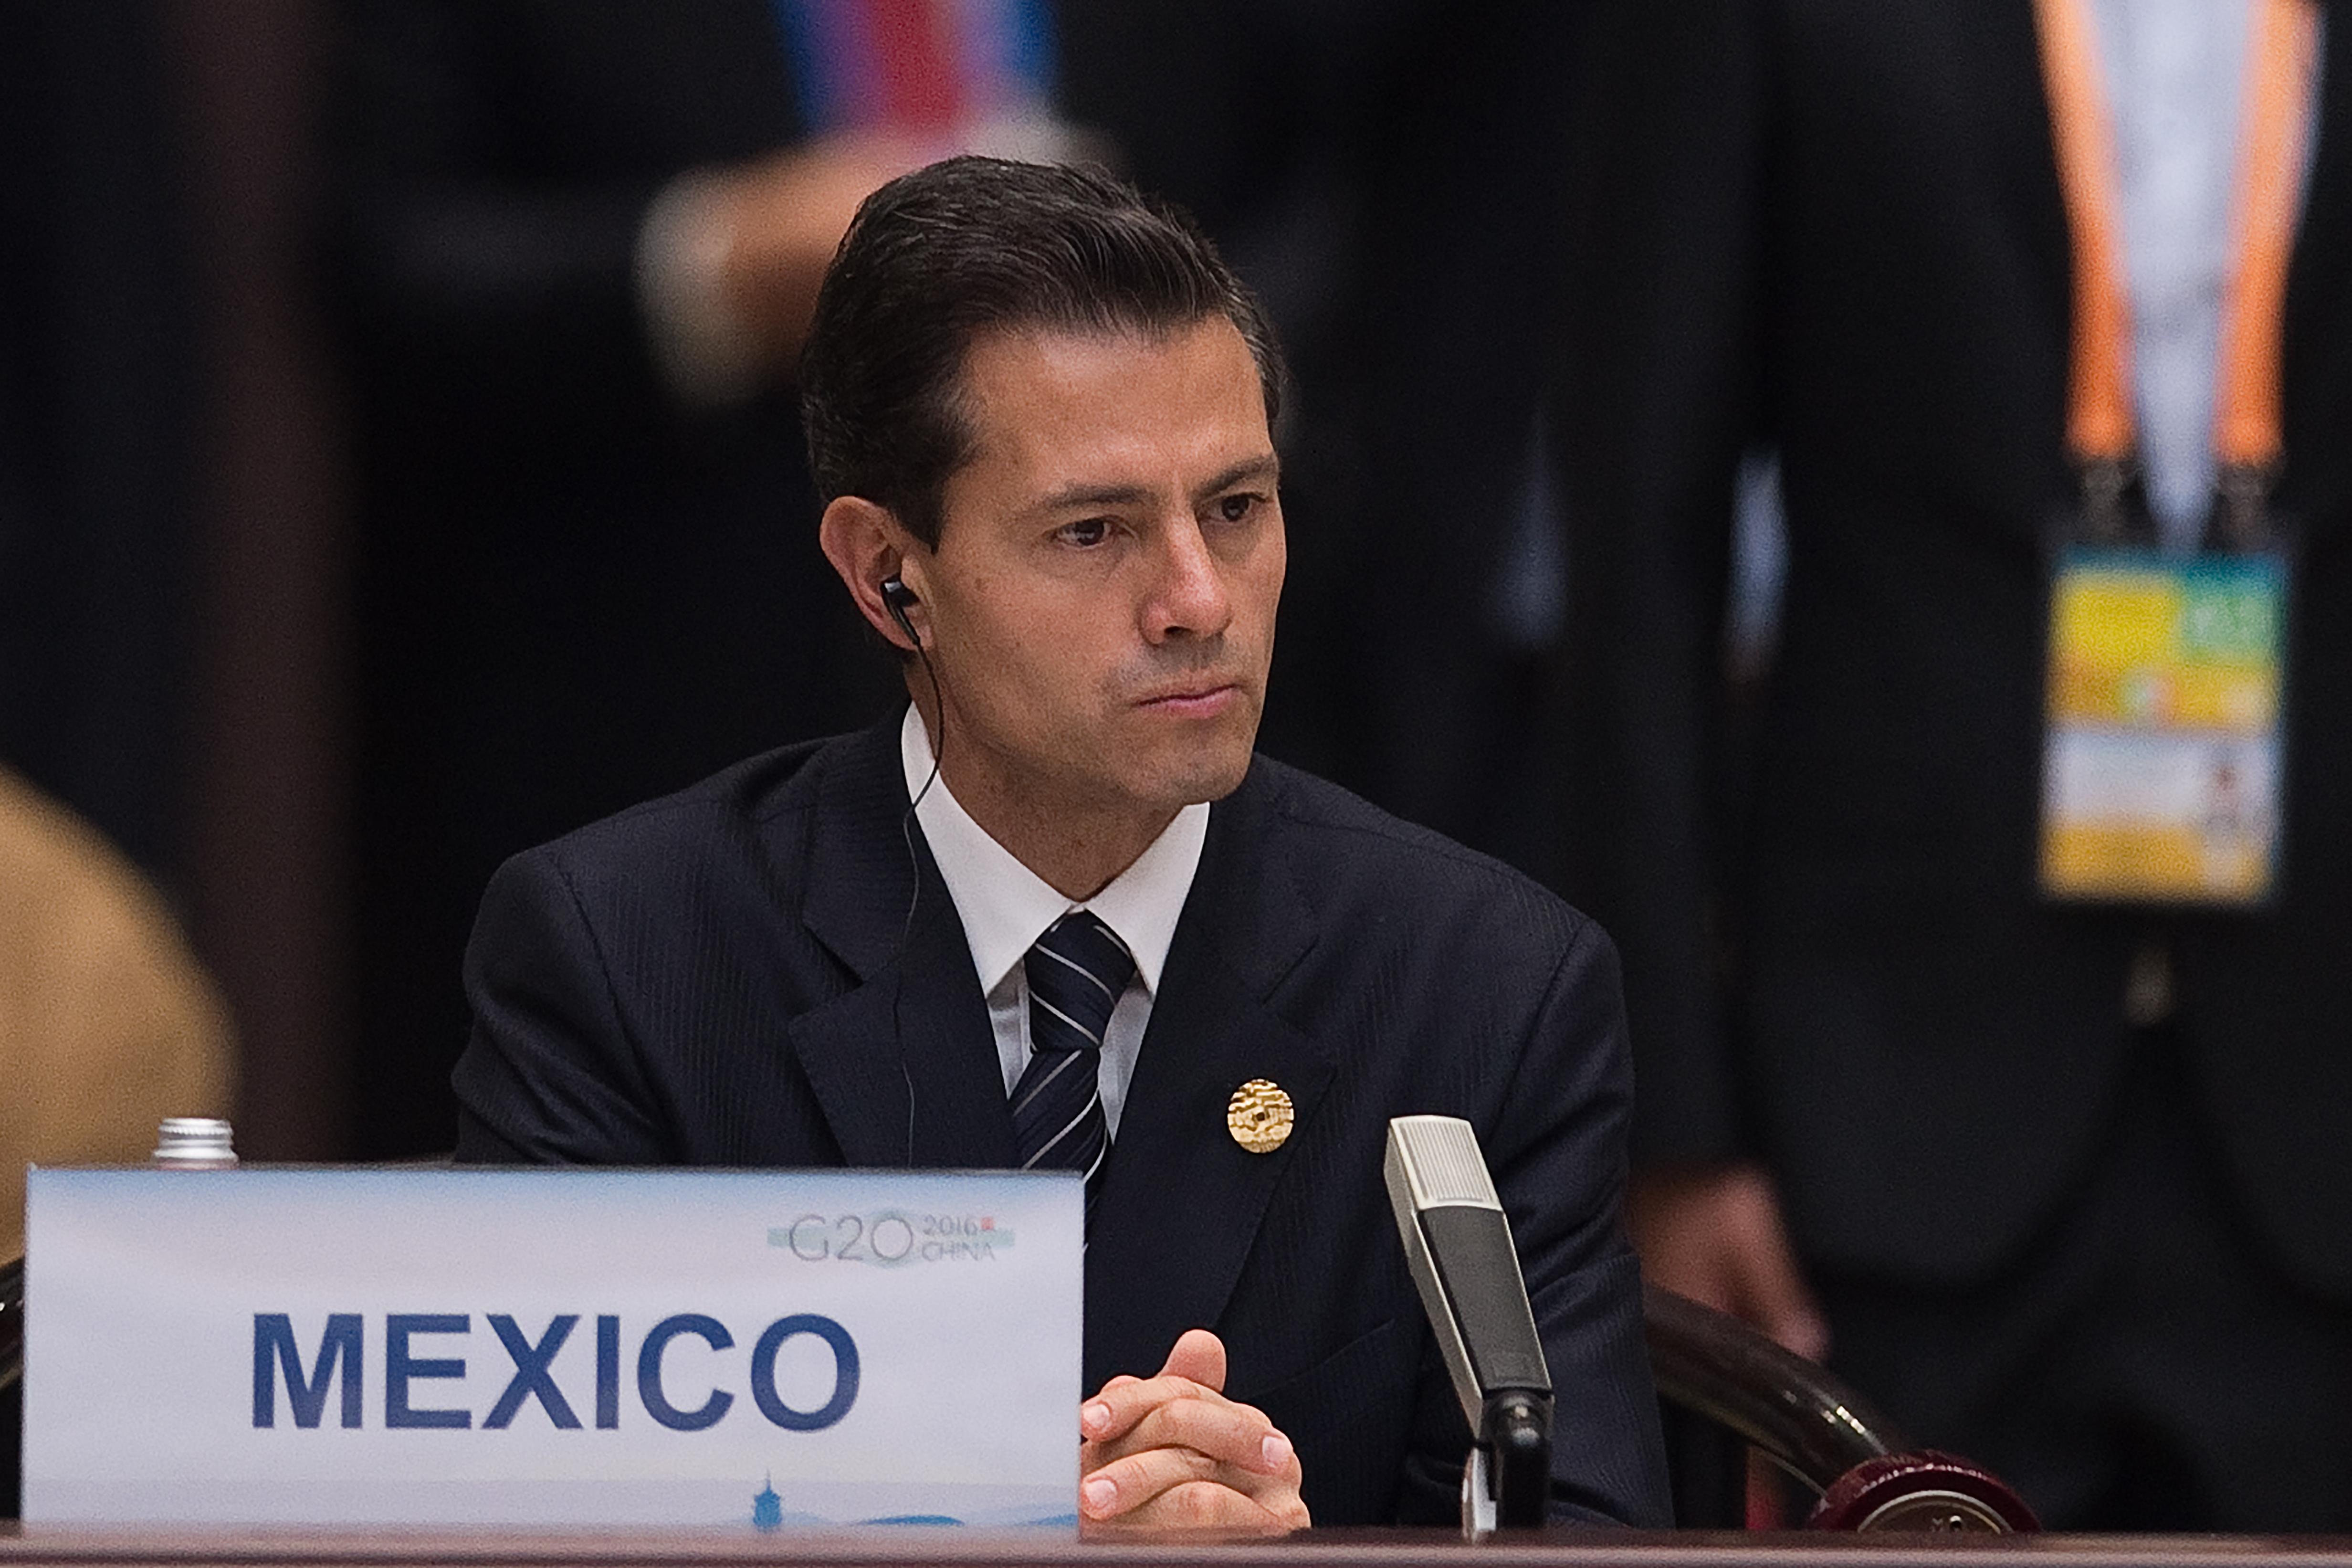 Енрике Пеня Нието, президентът на Мексико